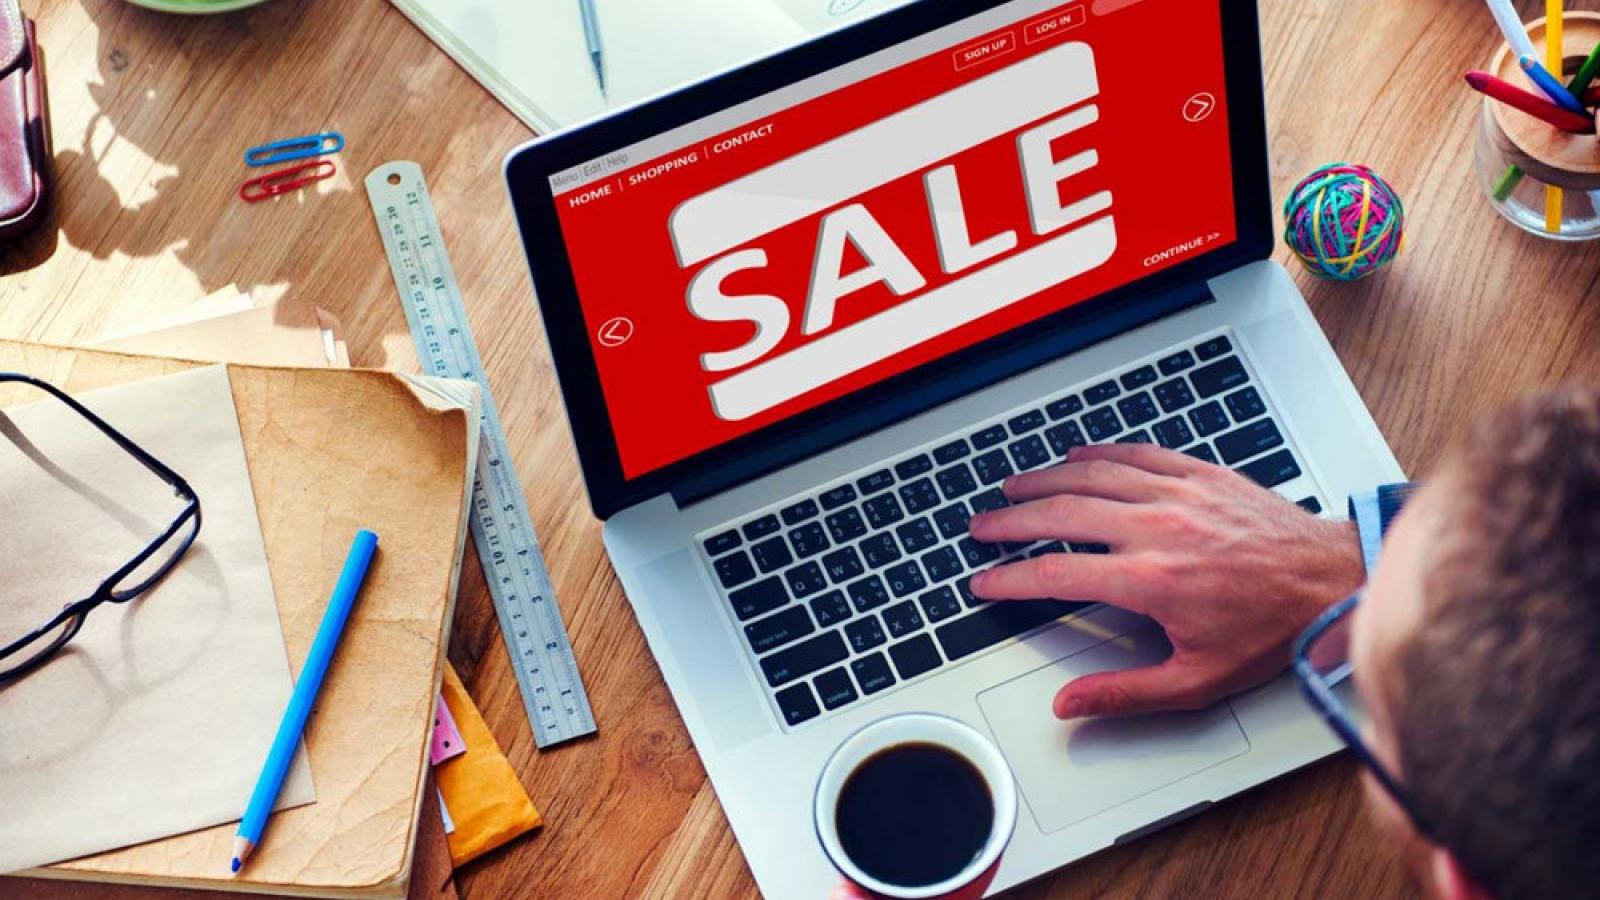 Làm gì để không bị lừa khi mua hàng online?